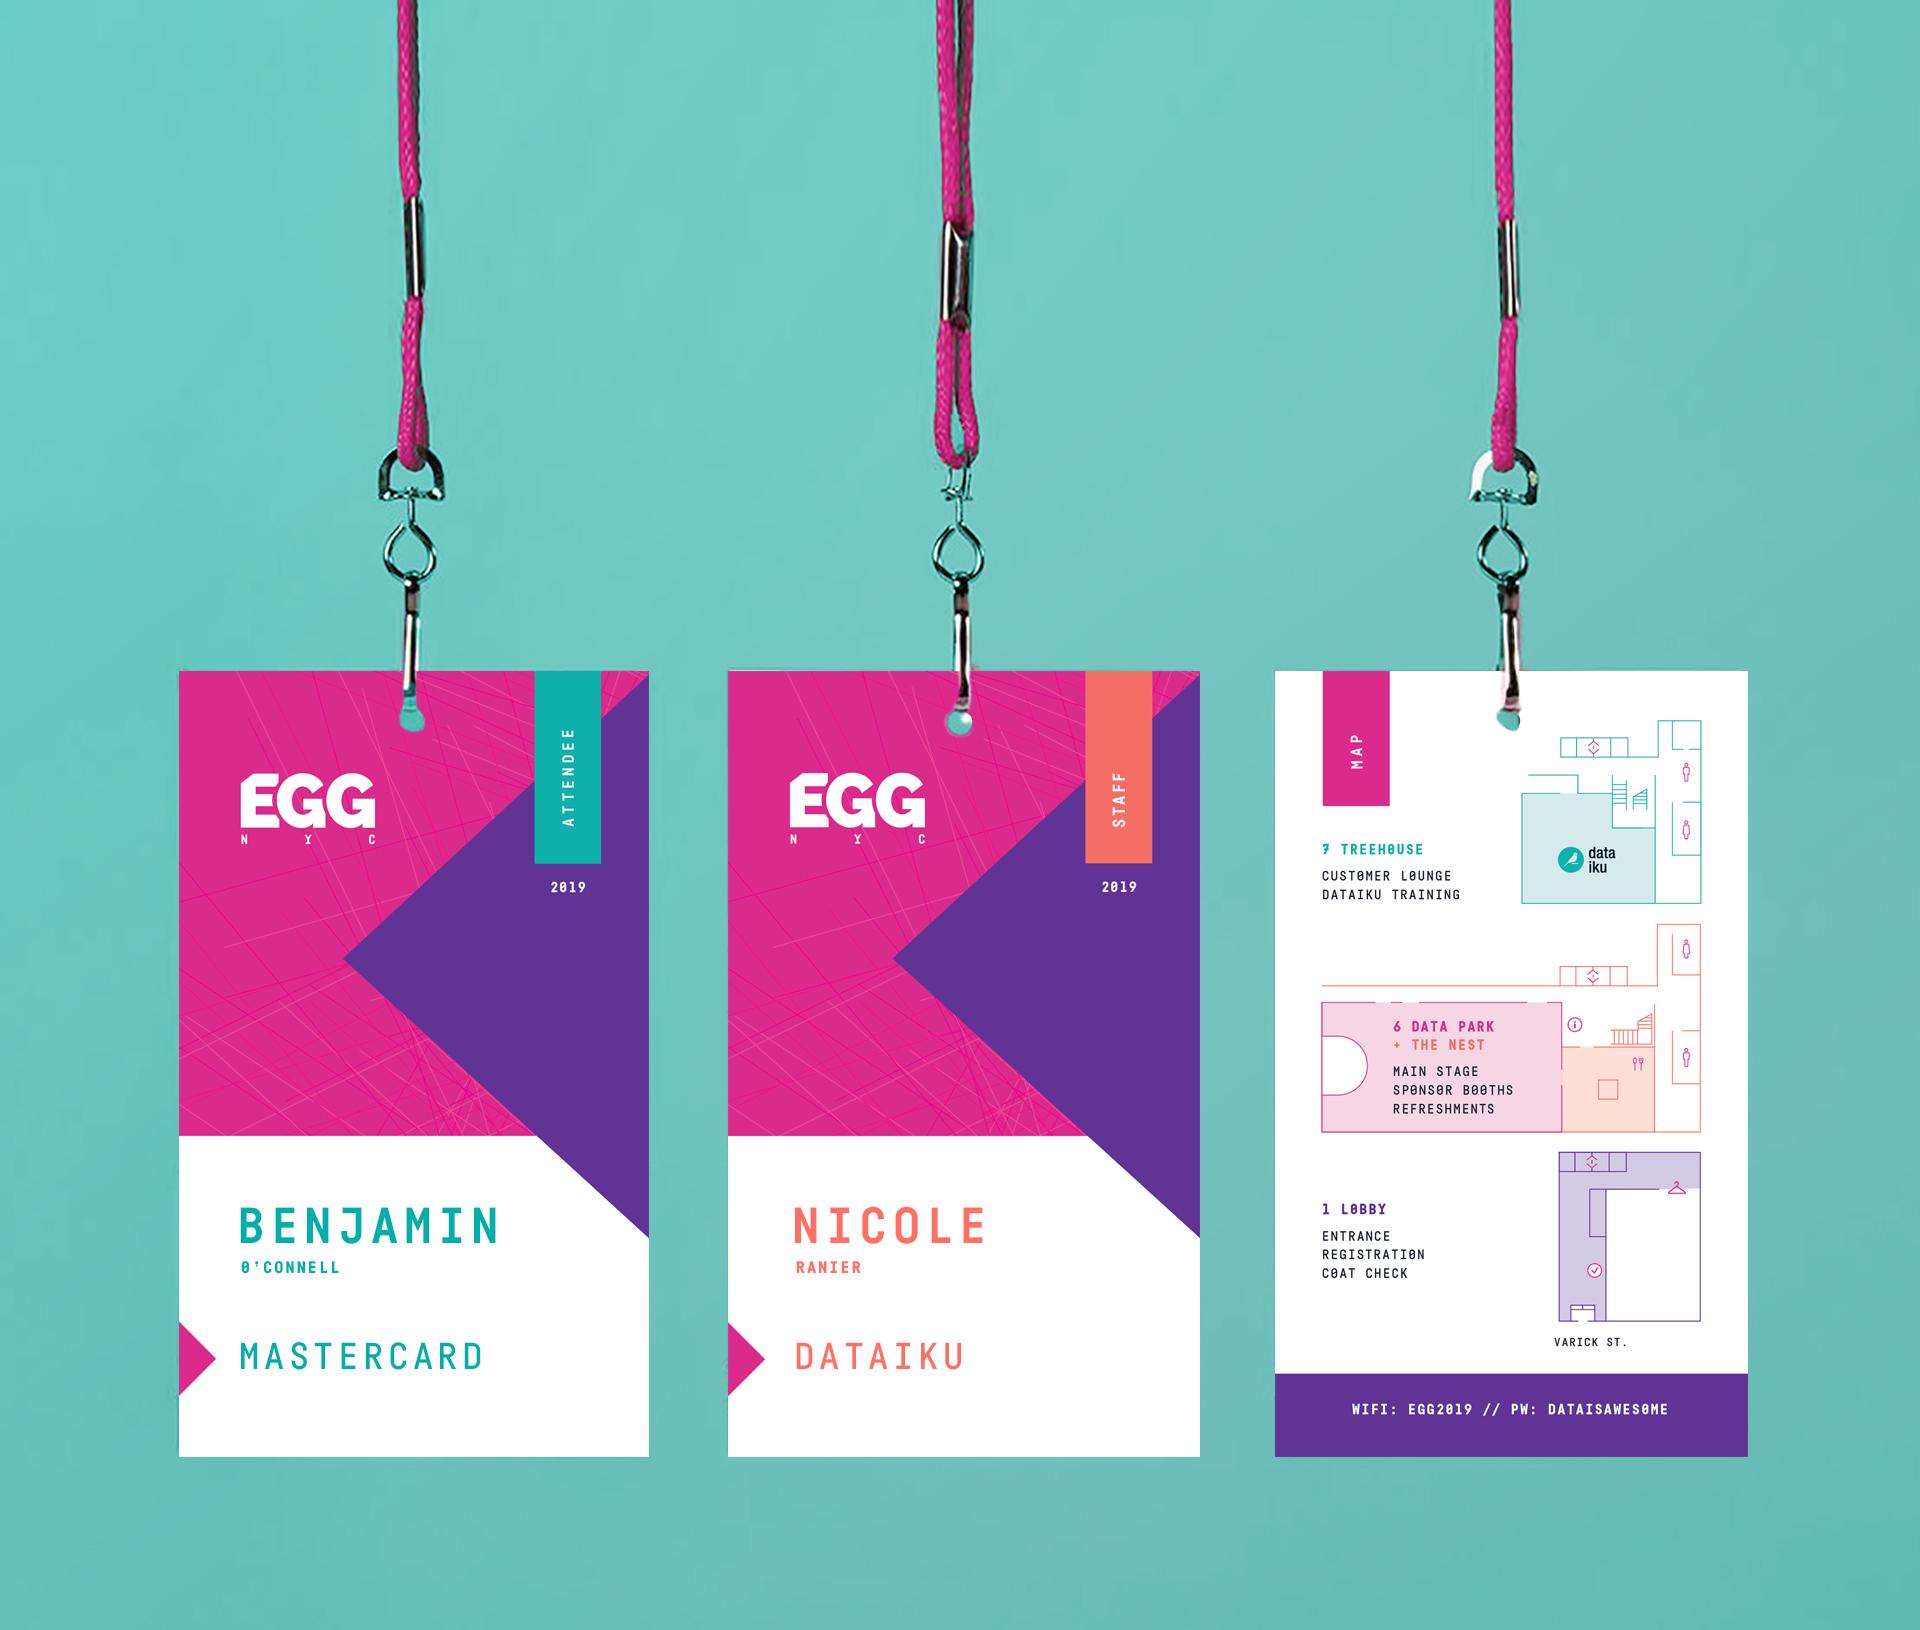 egg_badges.jpg